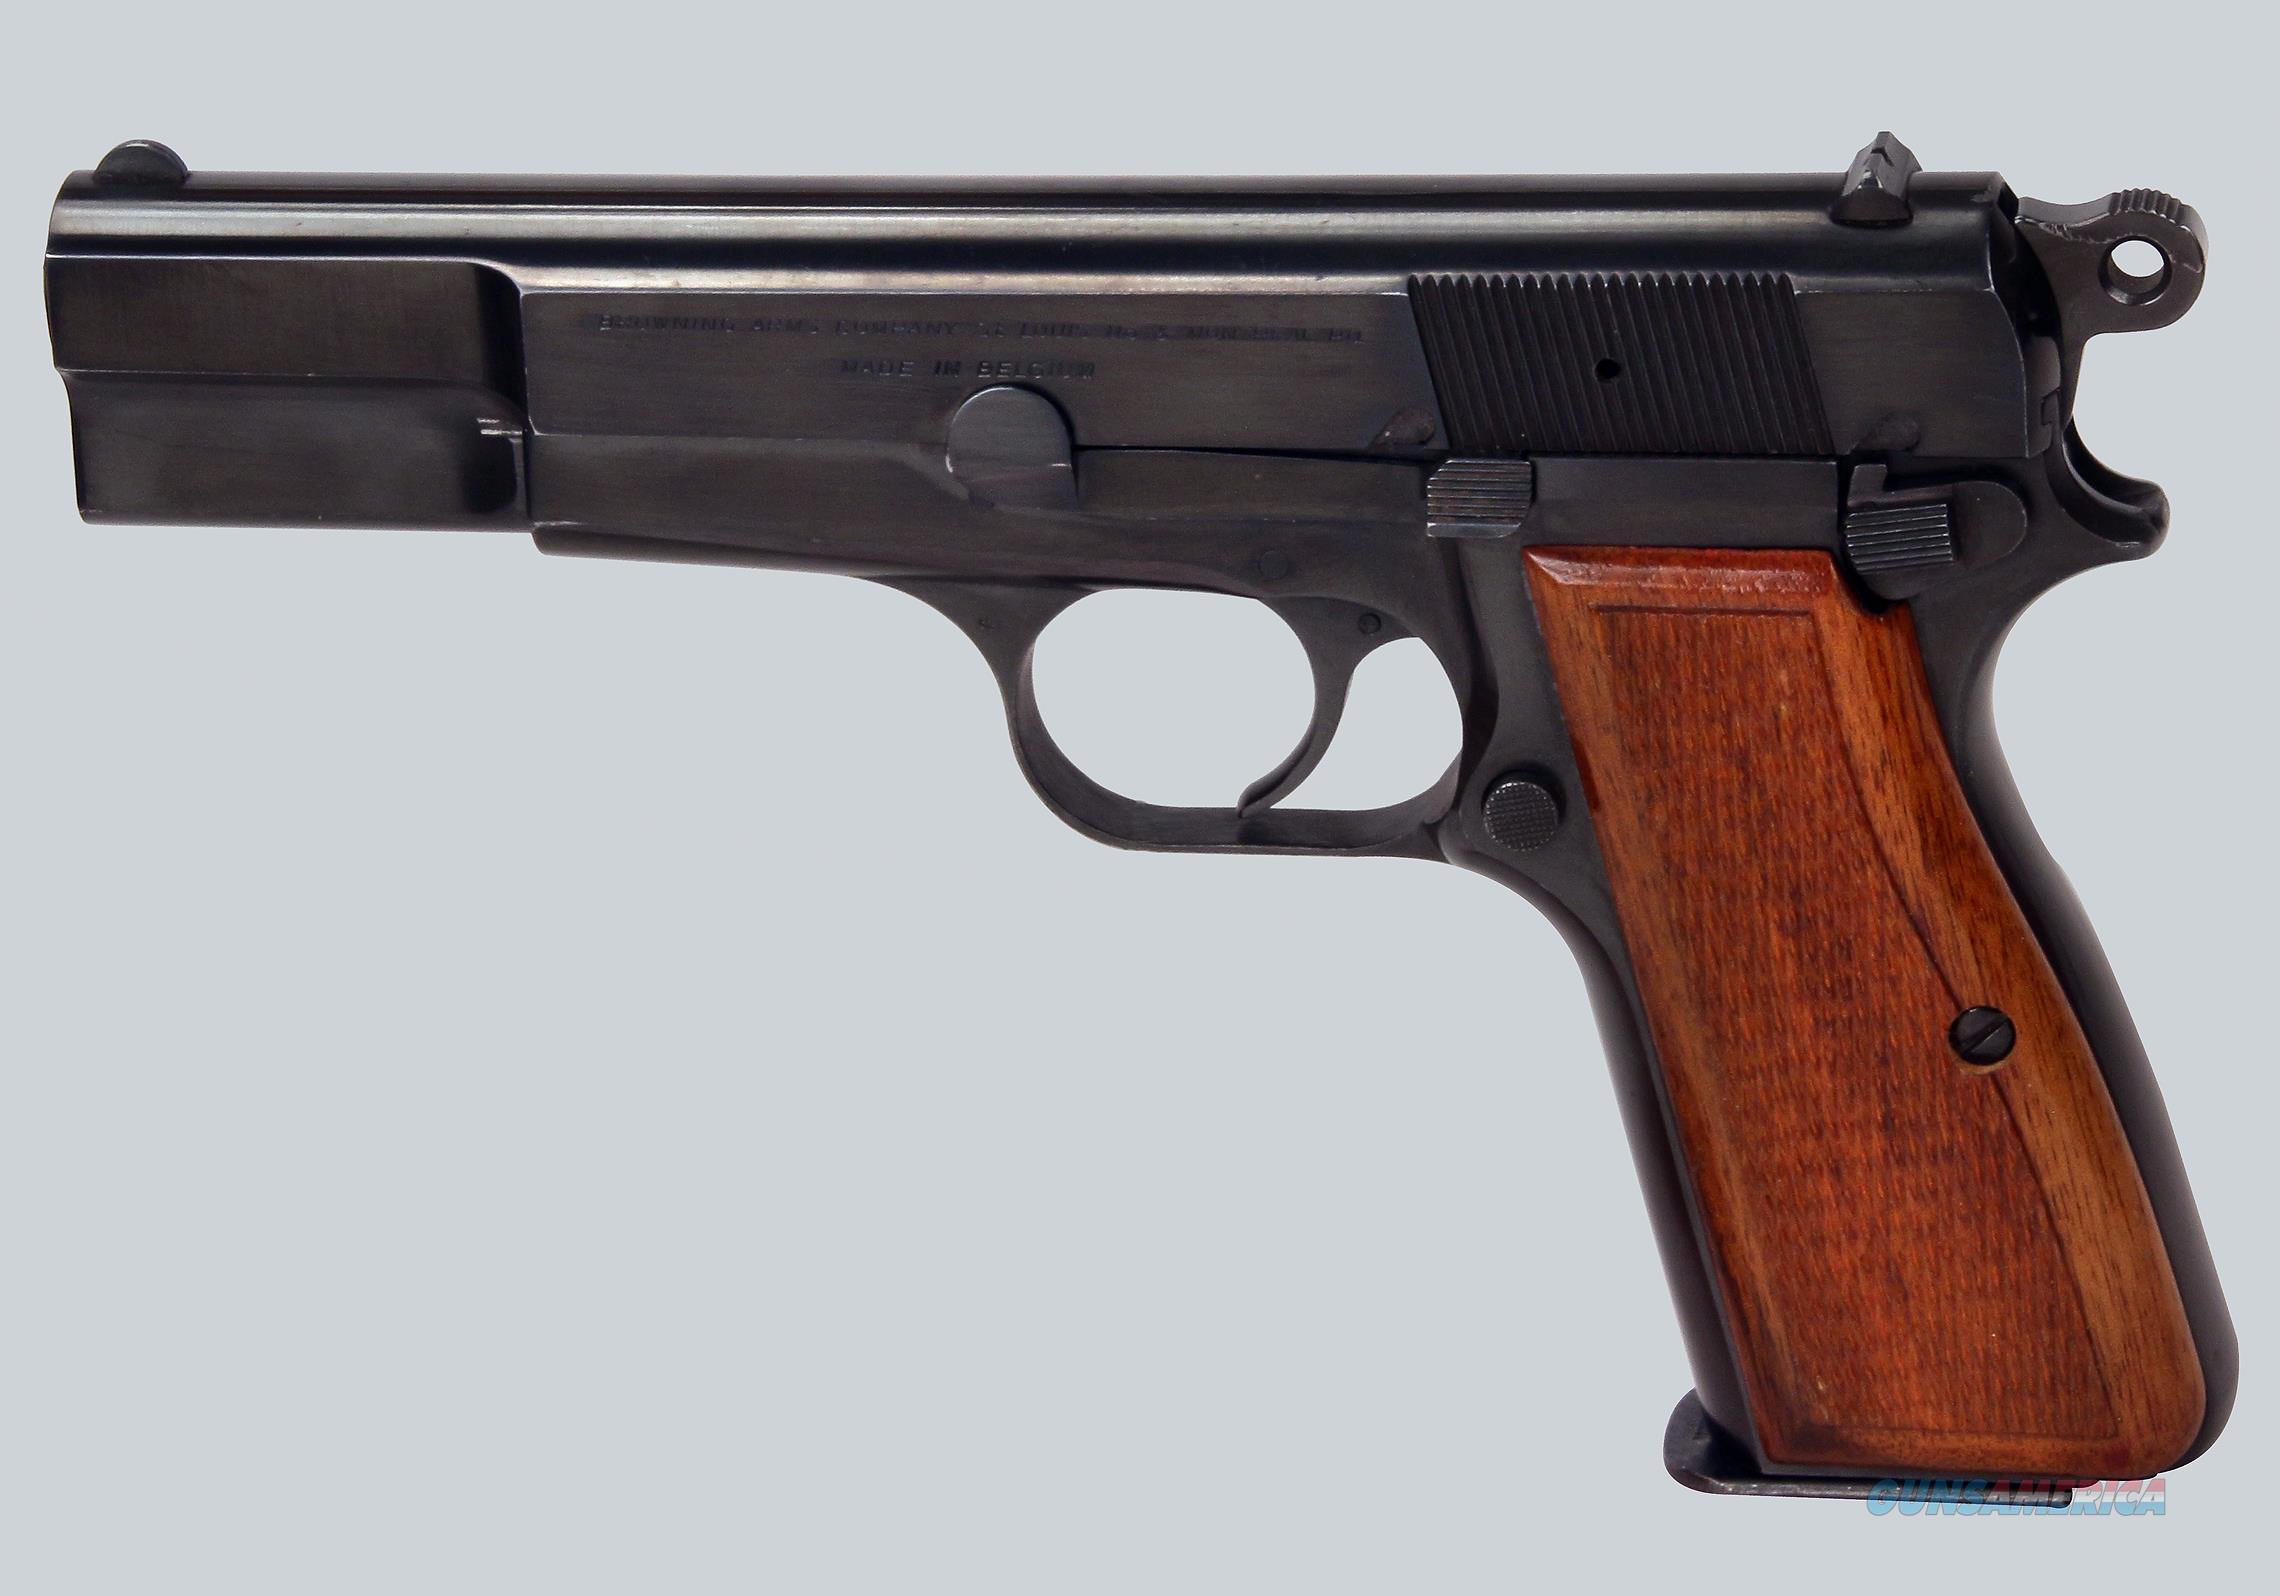 Browning Hi Power 9mm Pistol  Guns > Pistols > Browning Pistols > Hi Power